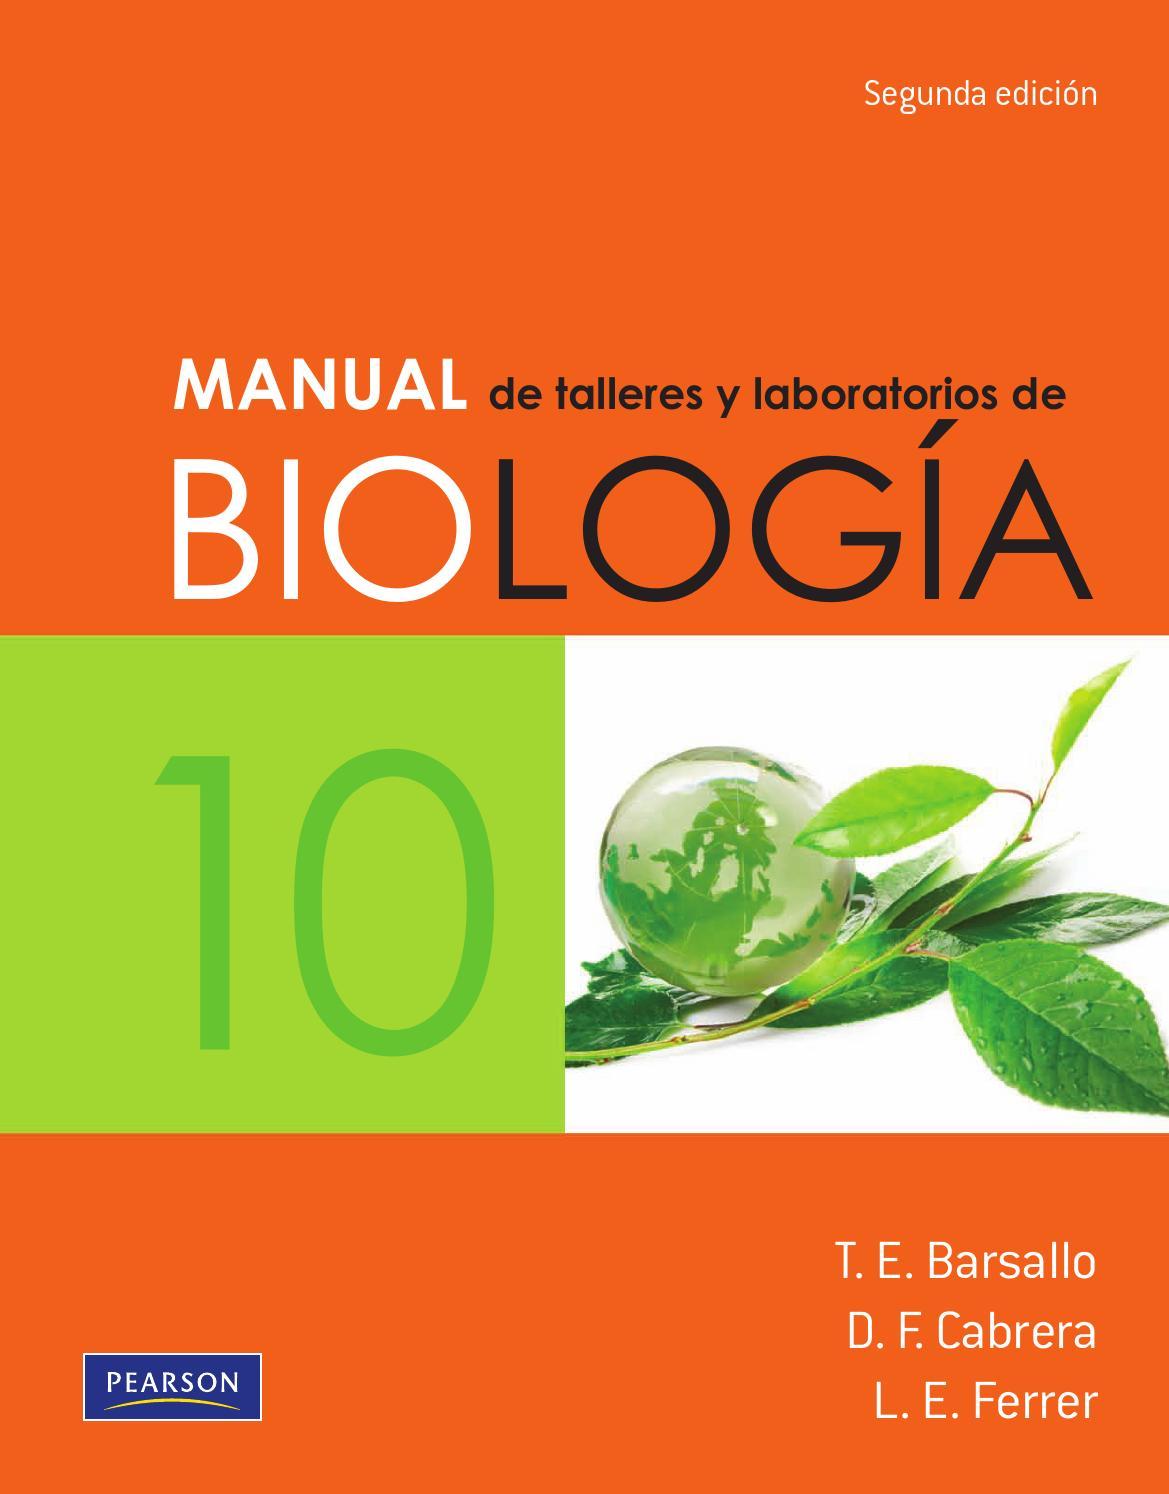 Magnífico Anatomía Humana Y La Edición Manual De Laboratorio De ...